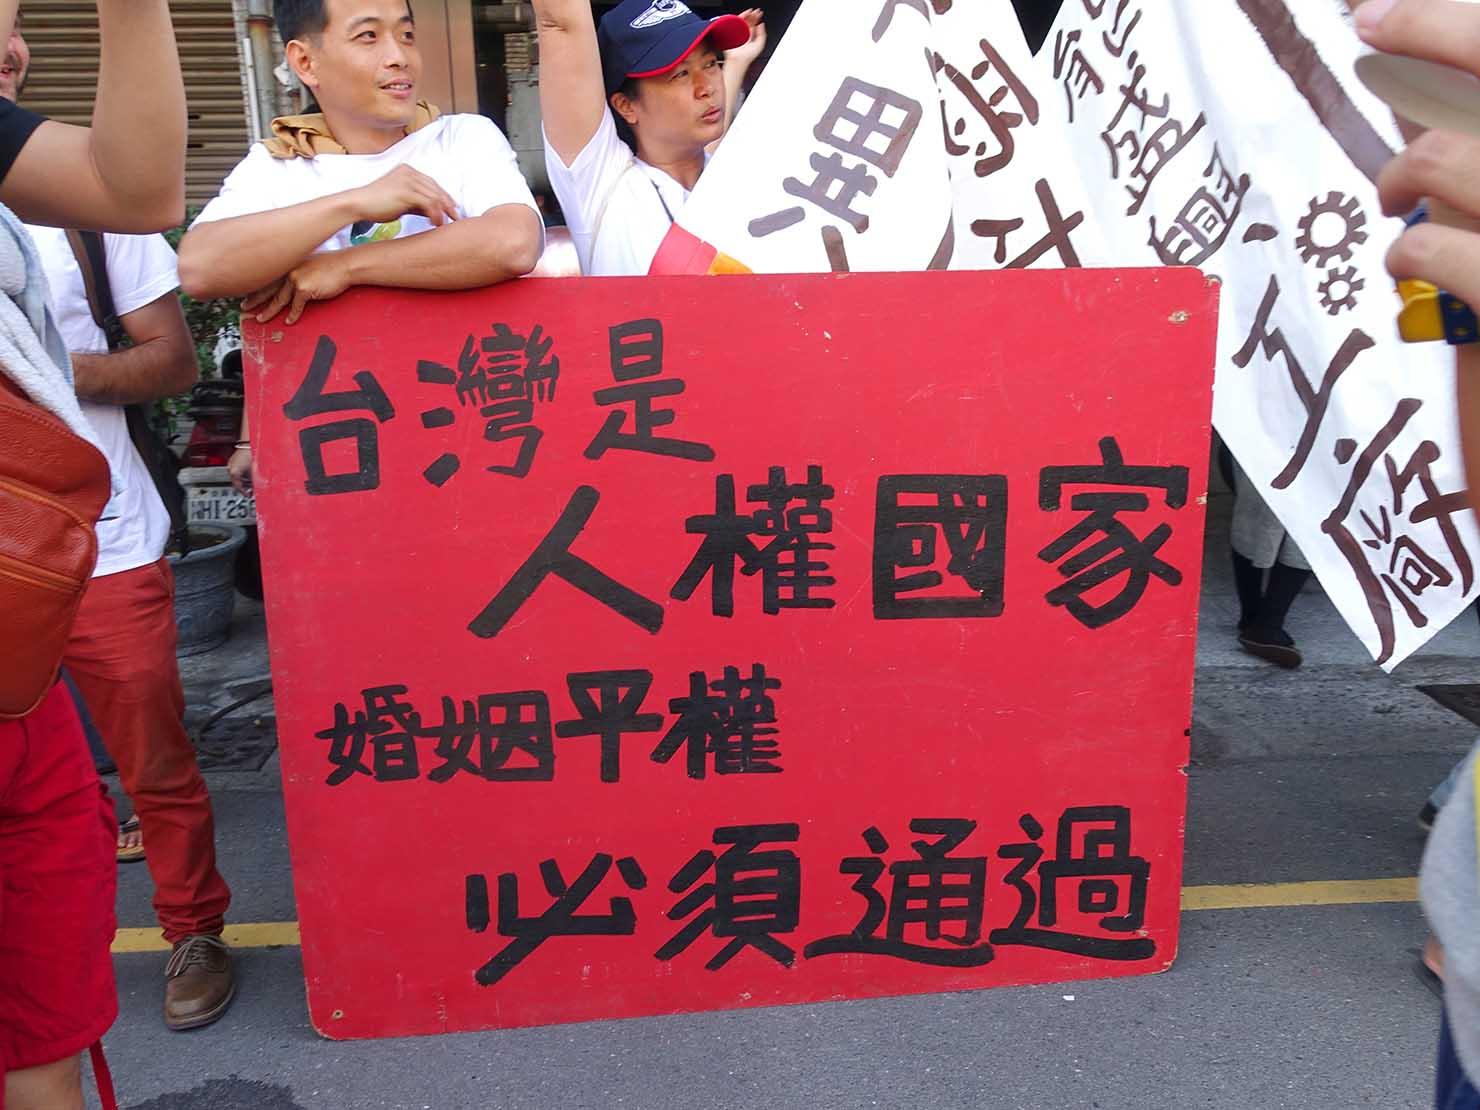 2018年台湾最初のLGBTプライド「台南彩虹遊行(台南レインボーパレード)」でメッセージボードを掲げるグループ